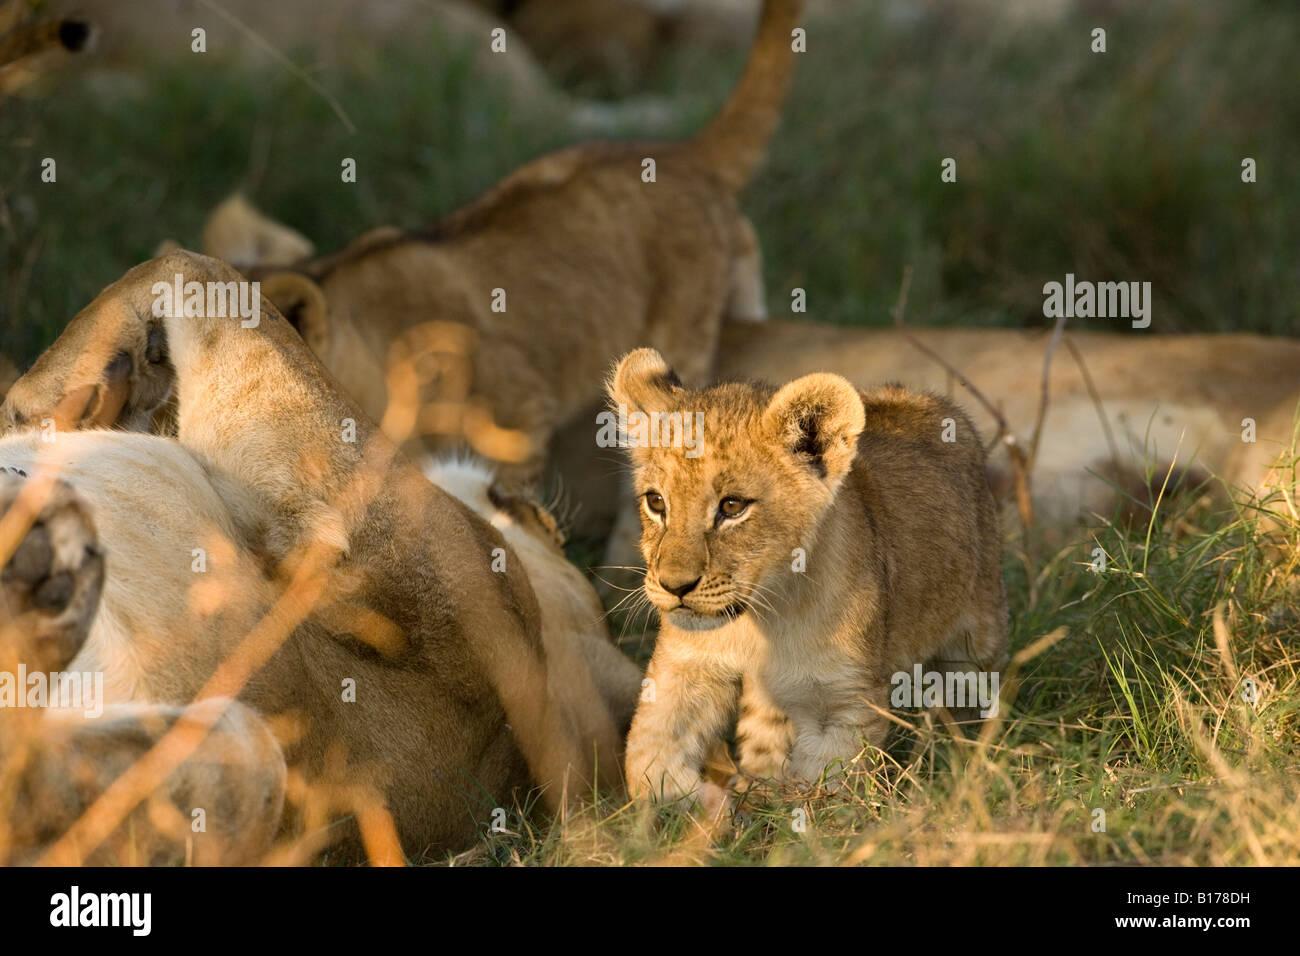 Closeup diminuto bebé salvaje lindo cachorro de león, la pierna levantada, caminar iluminada por la cálida luz del atardecer en la pasto verde junto a gran madre león durmiendo sobre su espalda Botswana Foto de stock